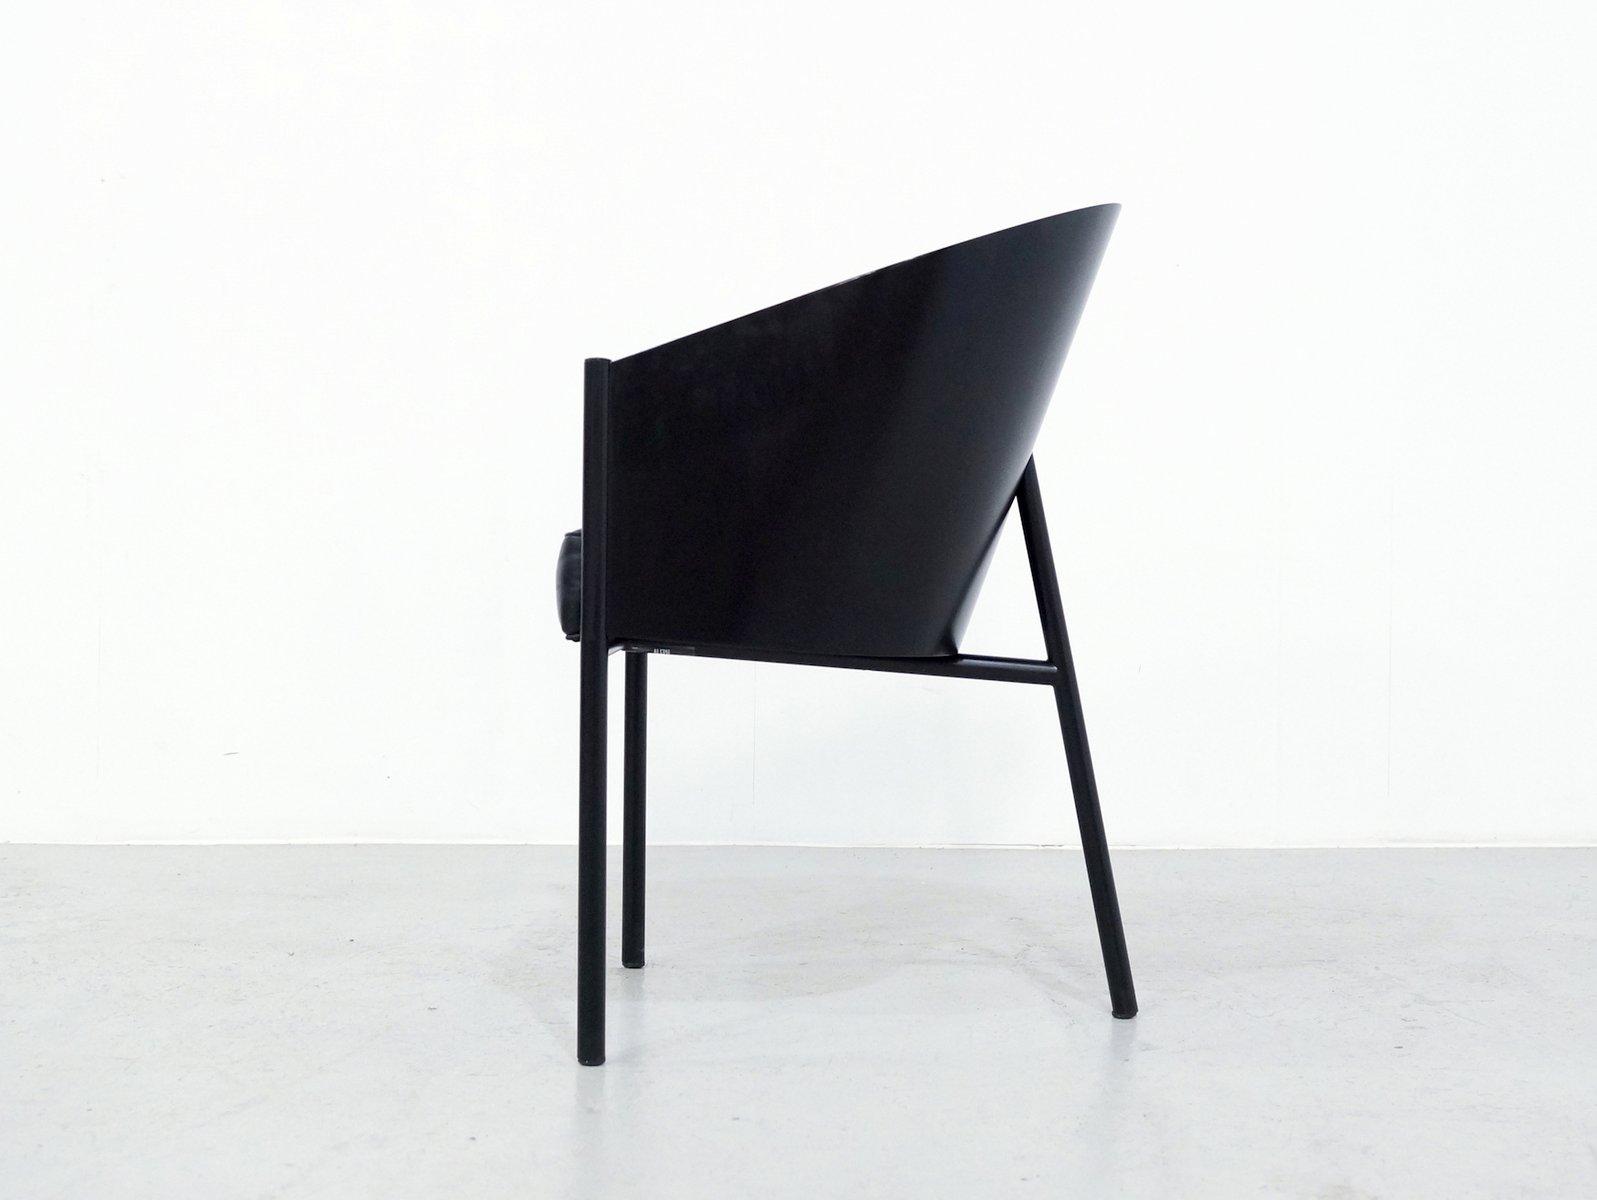 schwarze costes st hle von philippe starck f r driade 6er set bei pamono kaufen. Black Bedroom Furniture Sets. Home Design Ideas